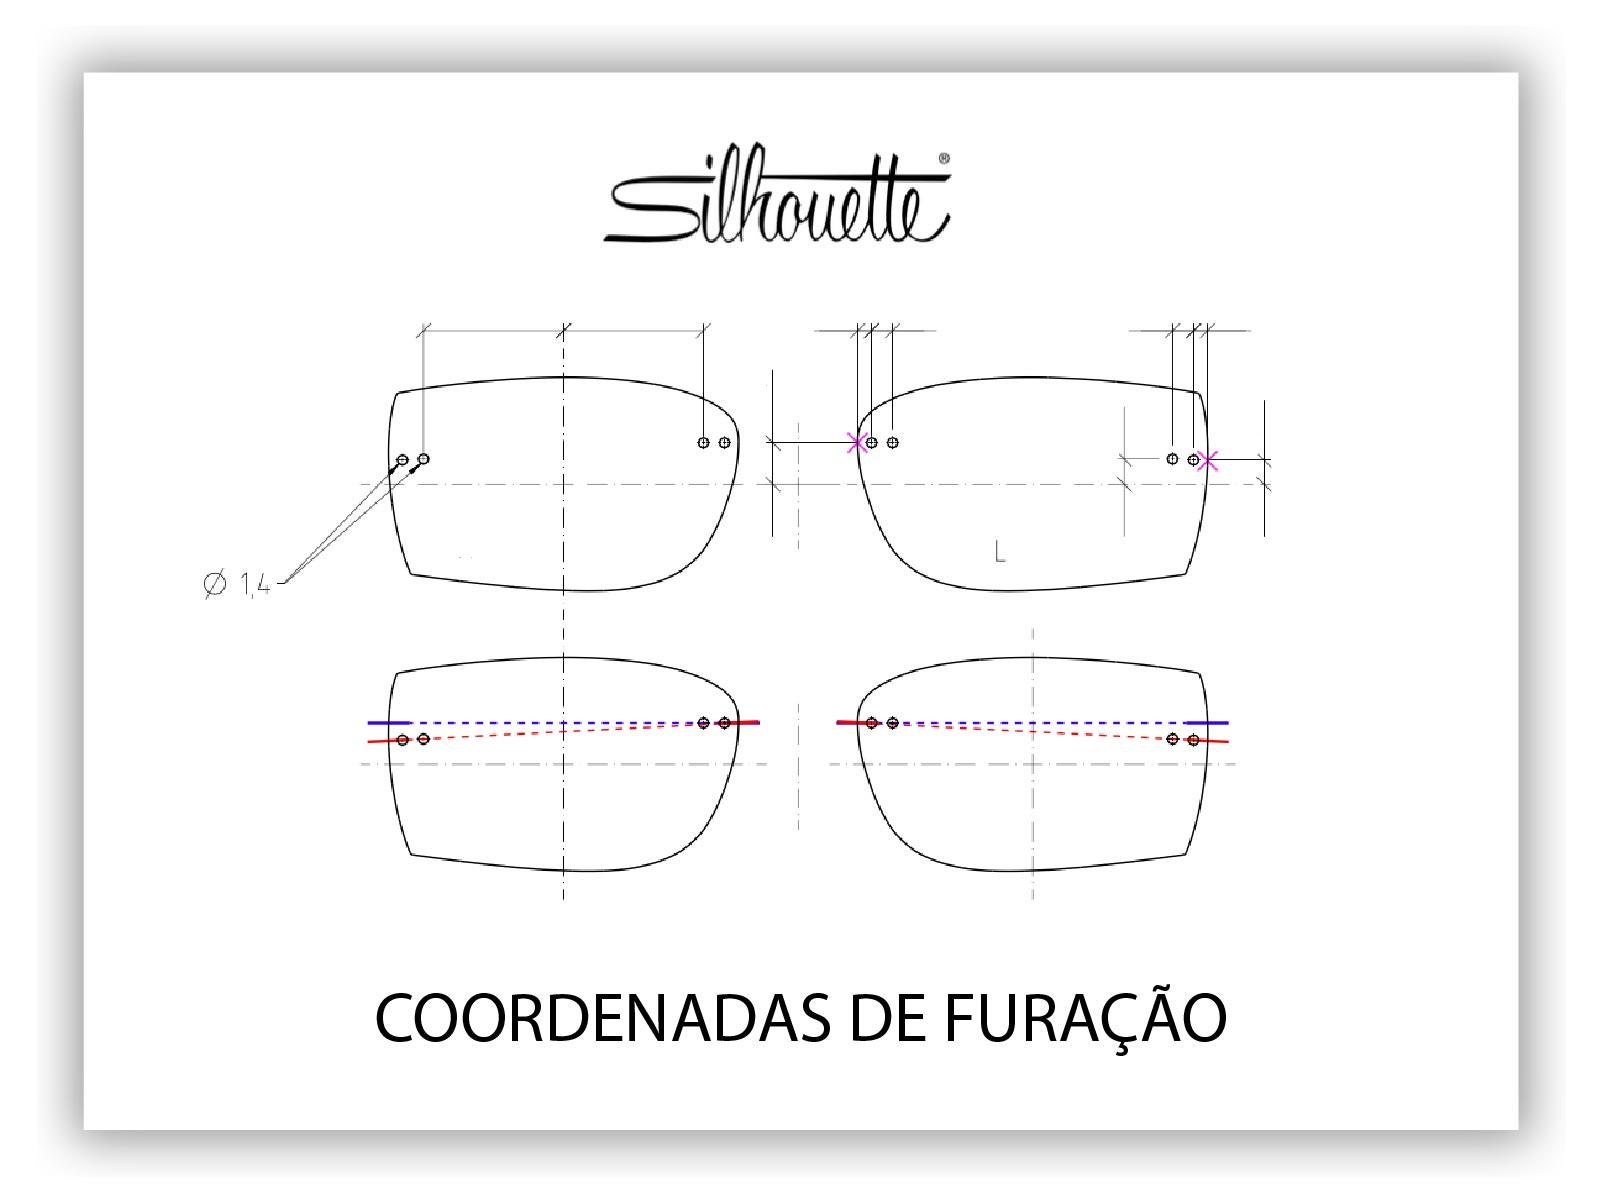 coordenadas_furaçao